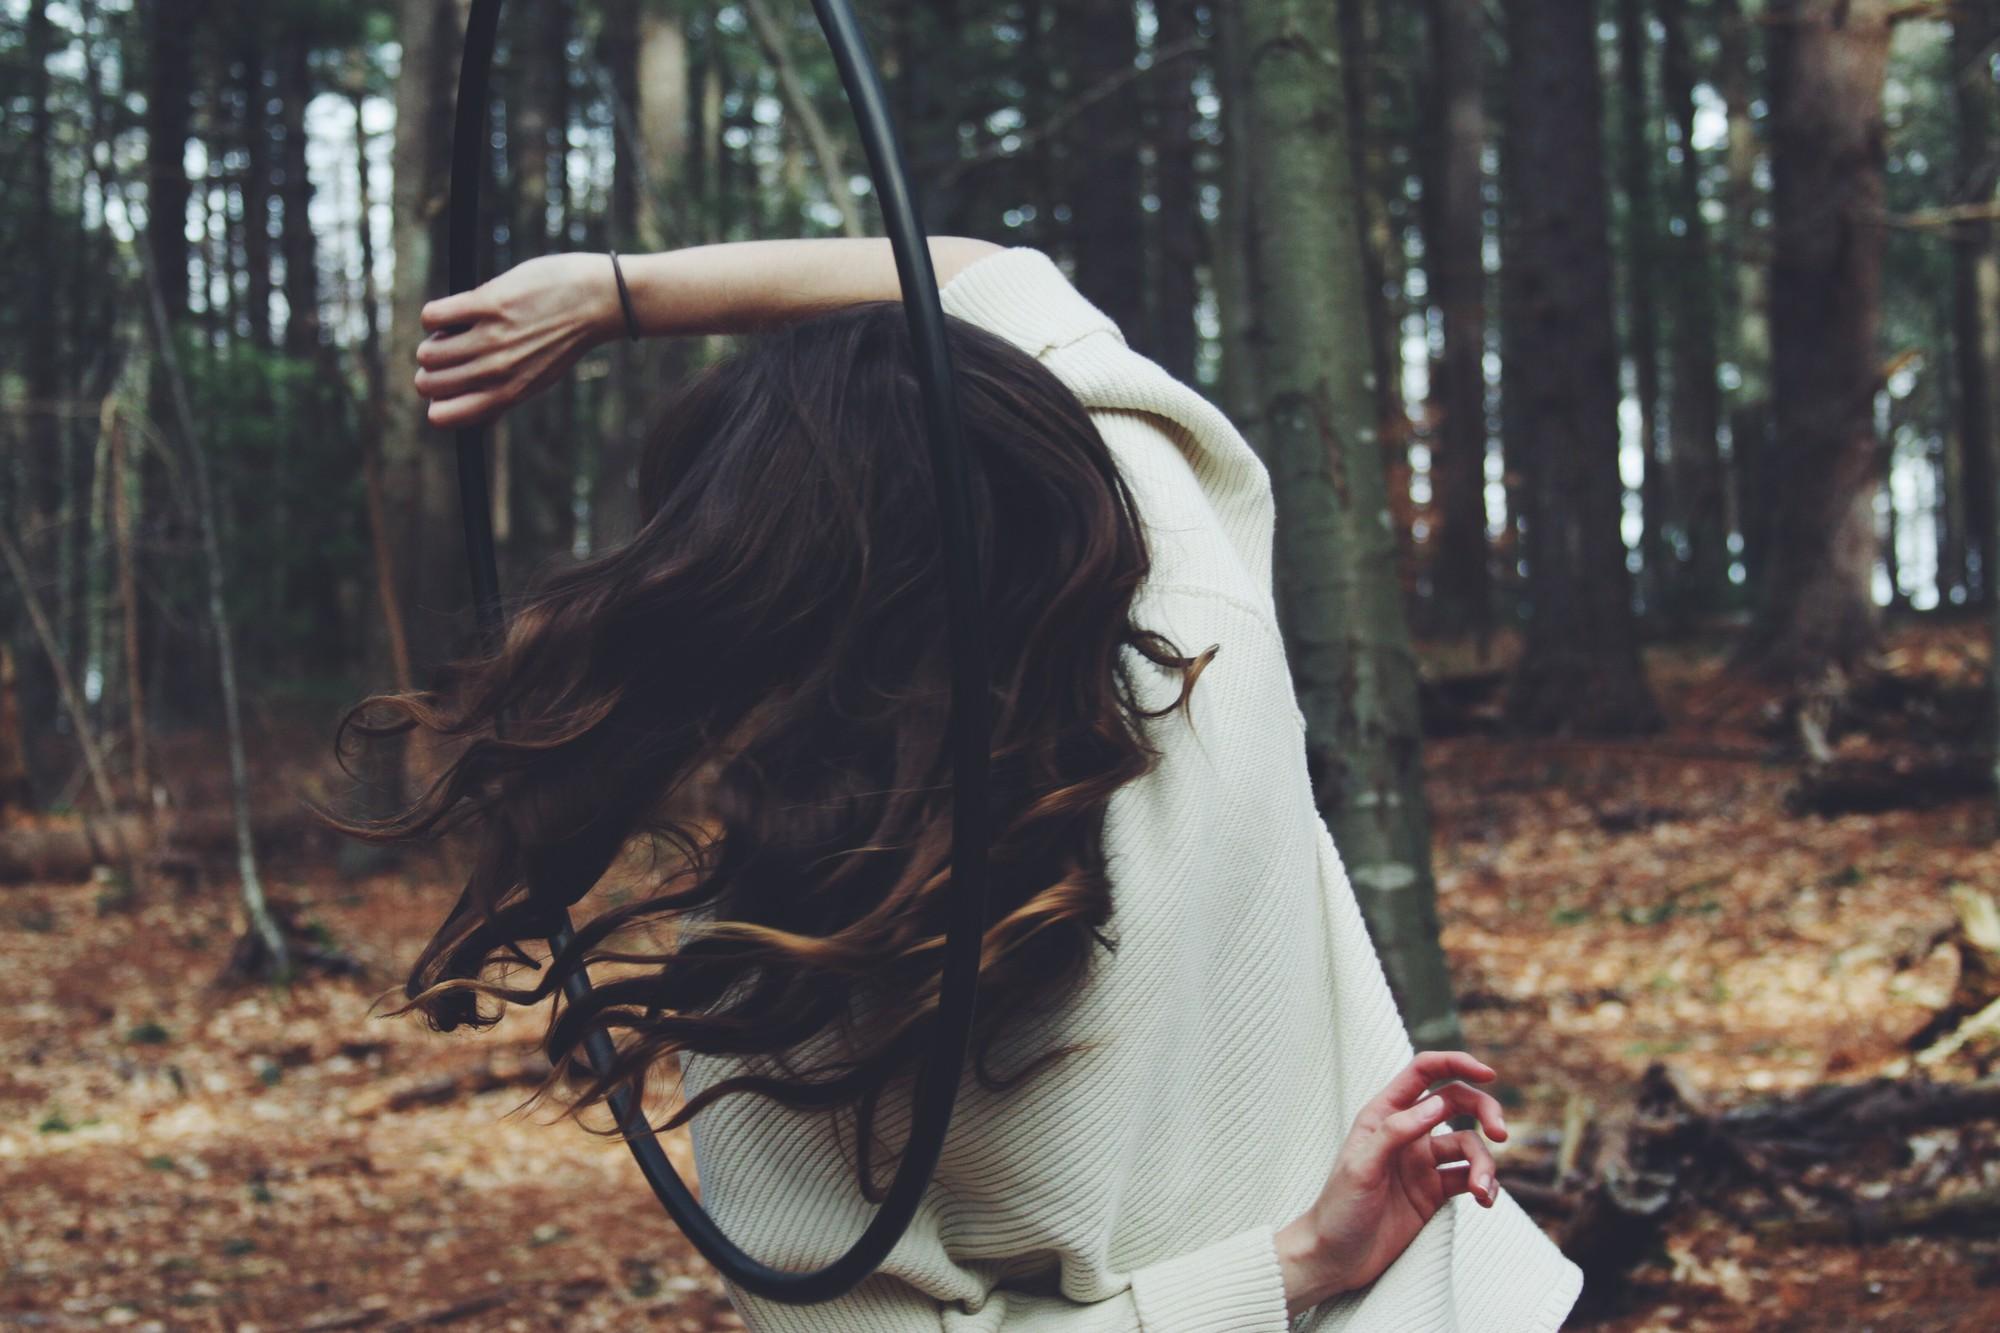 Có những cô gái đã yêu là hết sức hết lòng, nhưng khi bị phụ tình lại hết luôn cả vốn liếng thanh xuân!